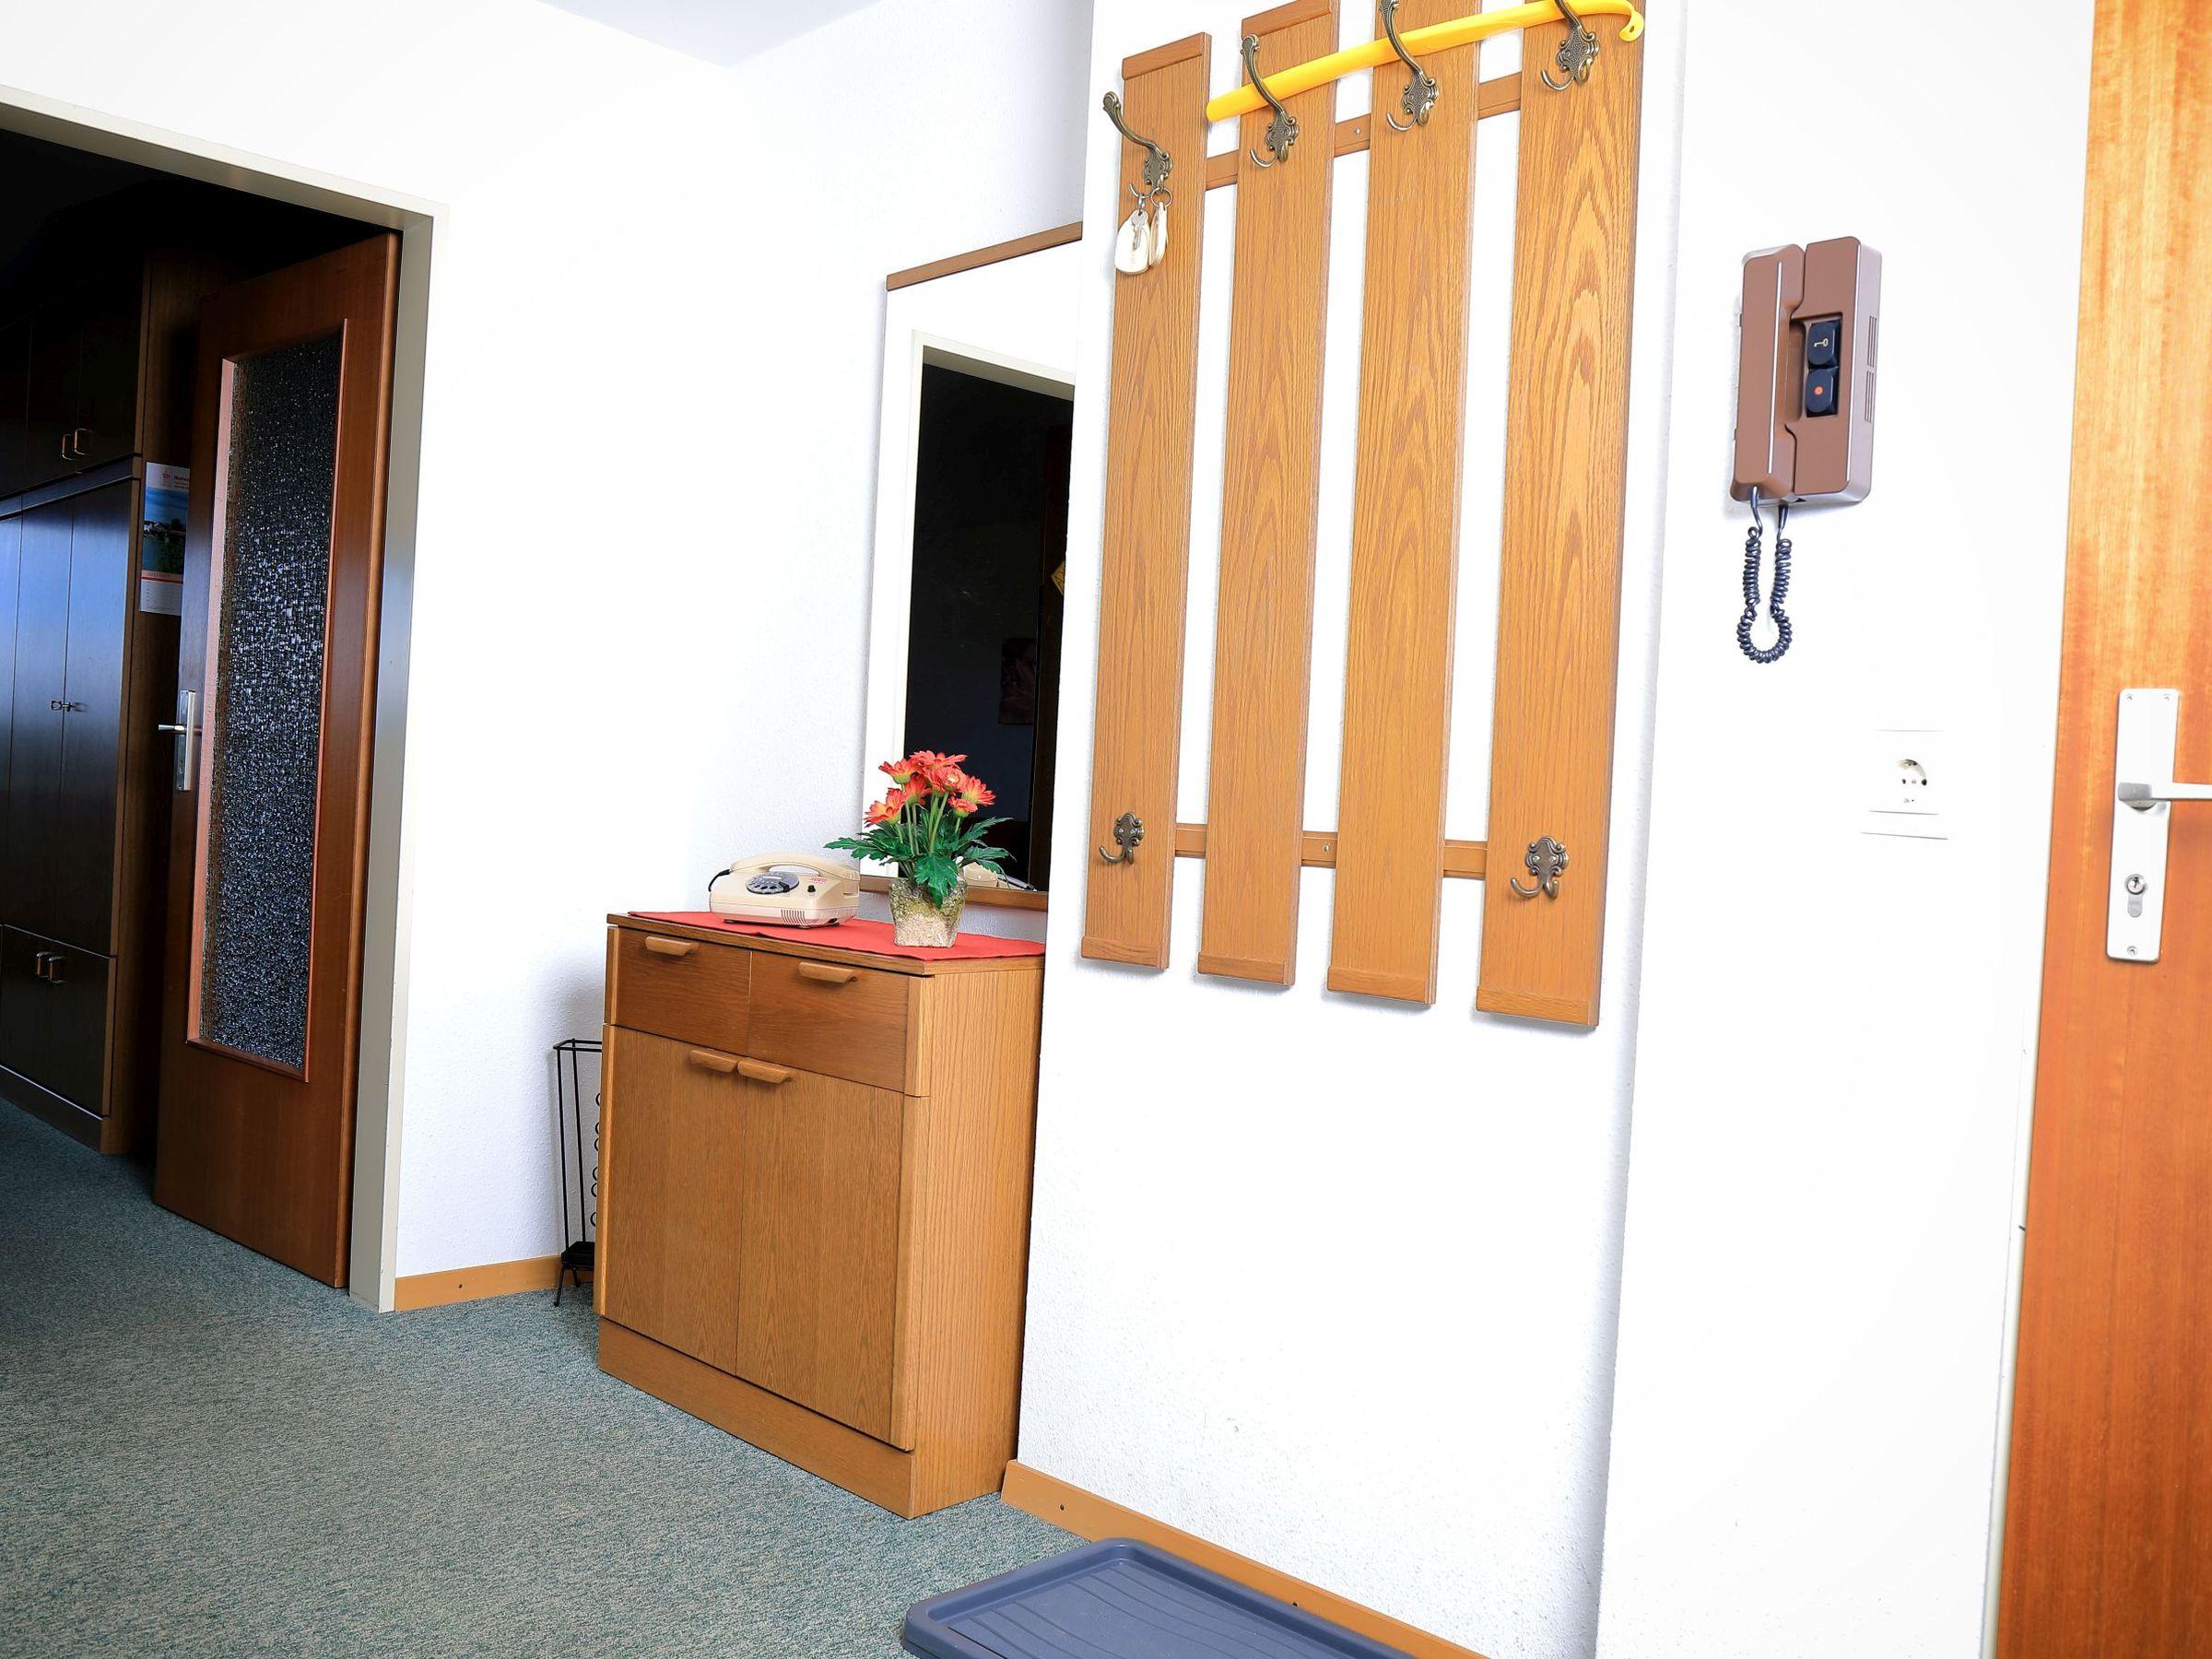 Ferienwohnung Haus Monika Ferienwohnungen, (Herrischried). Ferienwohnung Nr. 4, 62 qm, Balkon, 2 Schlafz (2299232), Herrischried, Schwarzwald, Baden-Württemberg, Deutschland, Bild 12